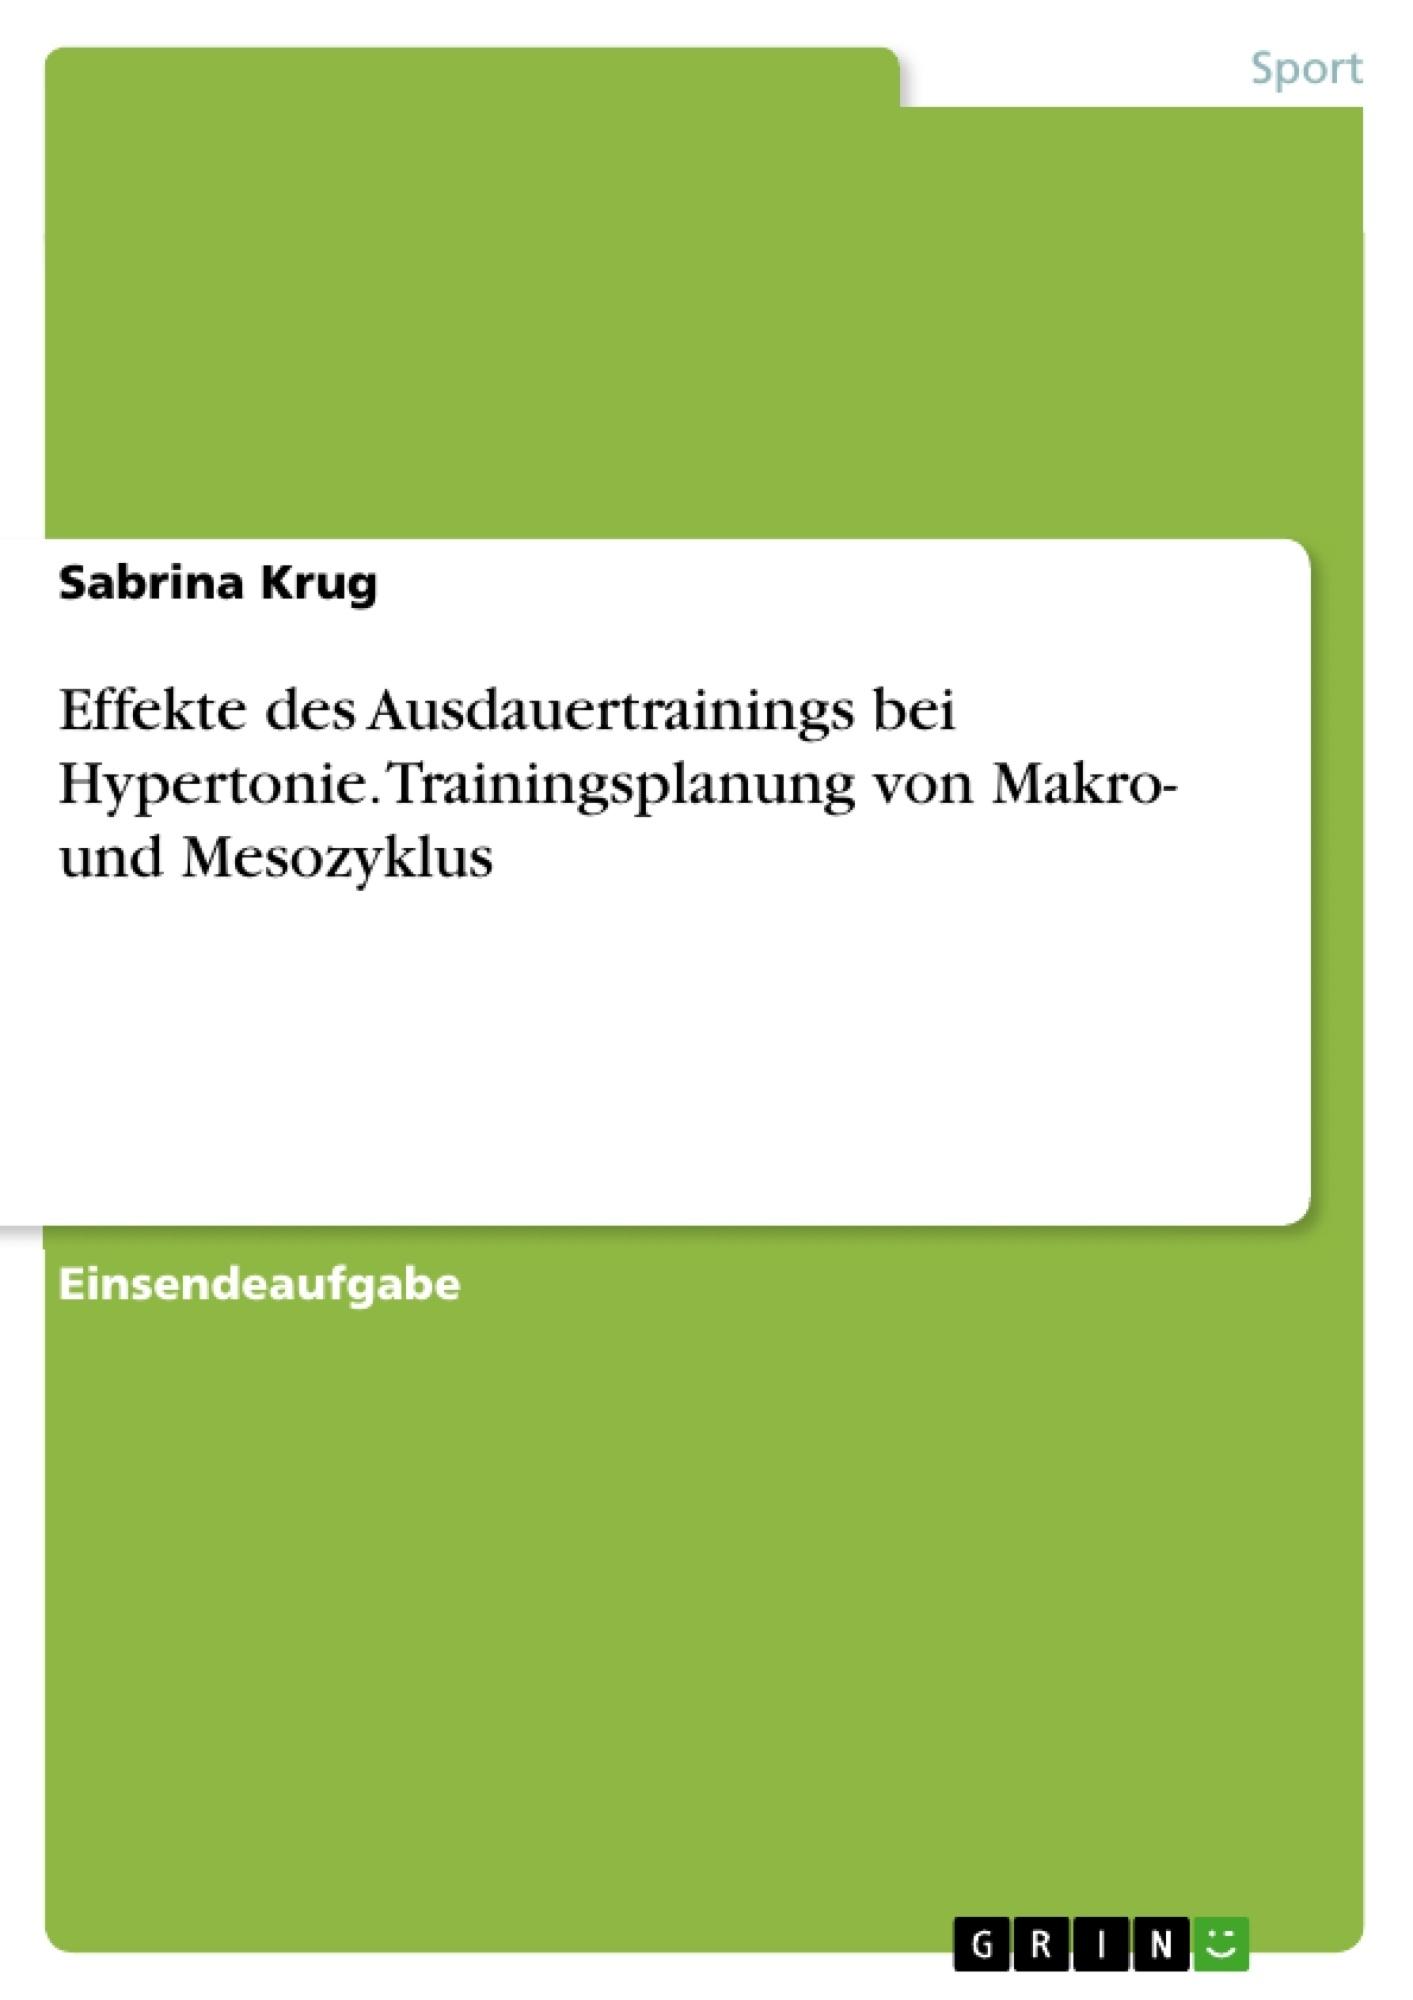 Titel: Effekte des Ausdauertrainings bei Hypertonie. Trainingsplanung von Makro- und Mesozyklus